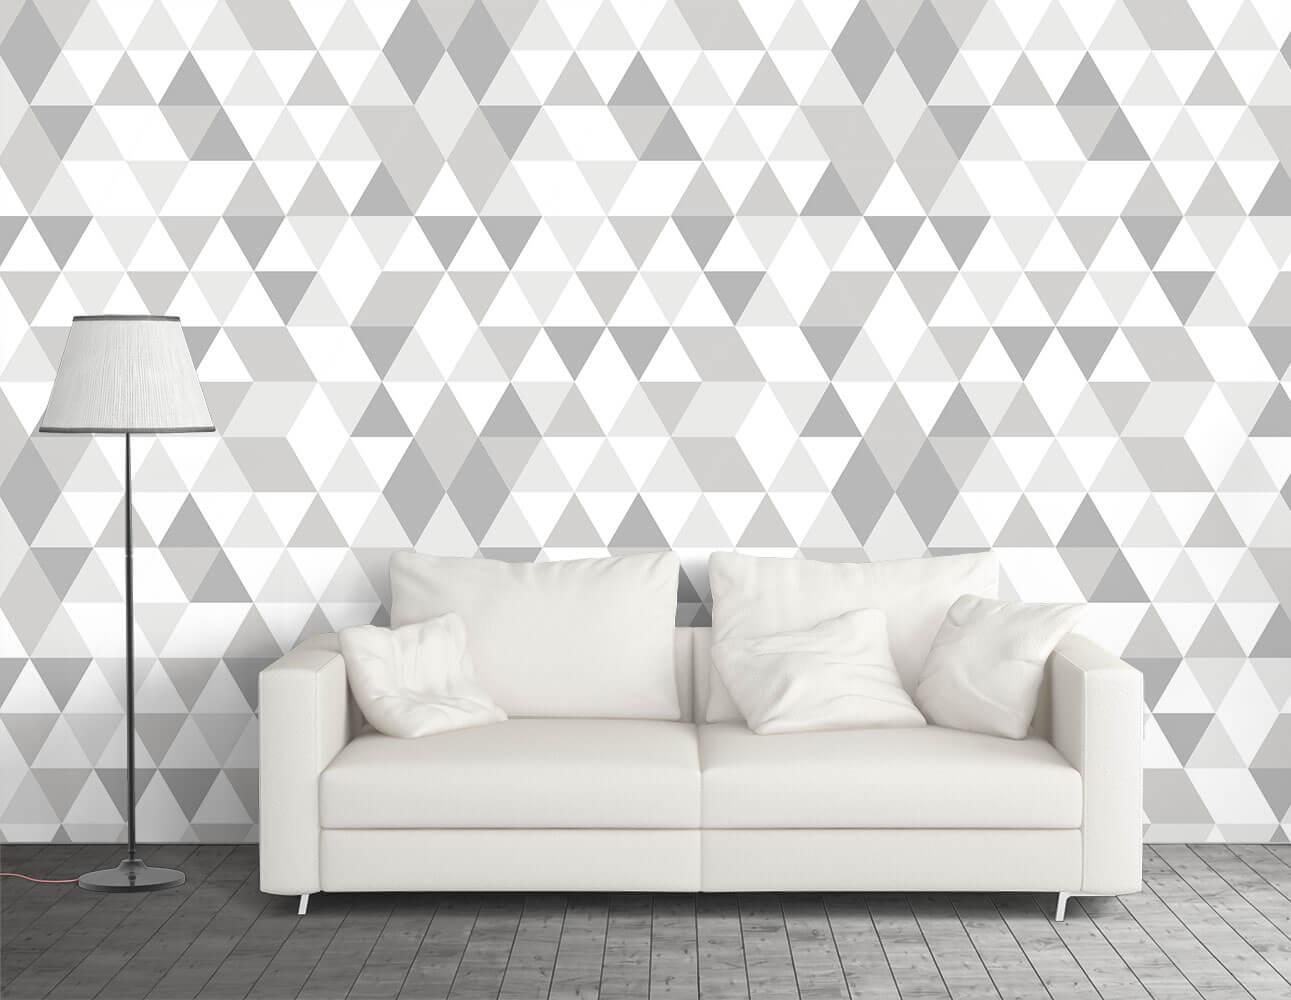 Papel de Parede Triângulos Branco e Cinza